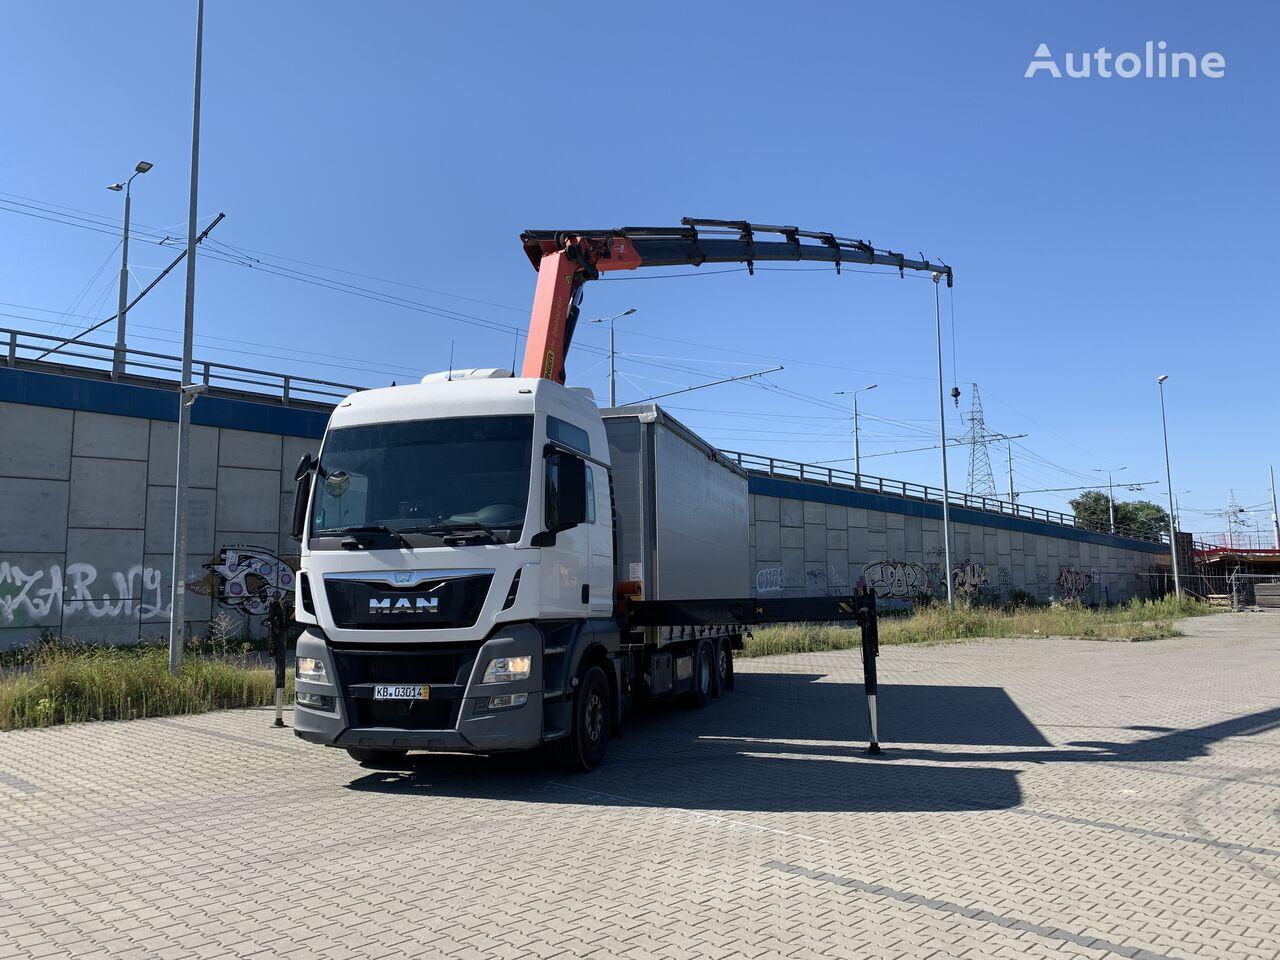 MAN TGX 26.400 PK 26002-EH + WINCH + LIFT tilt truck